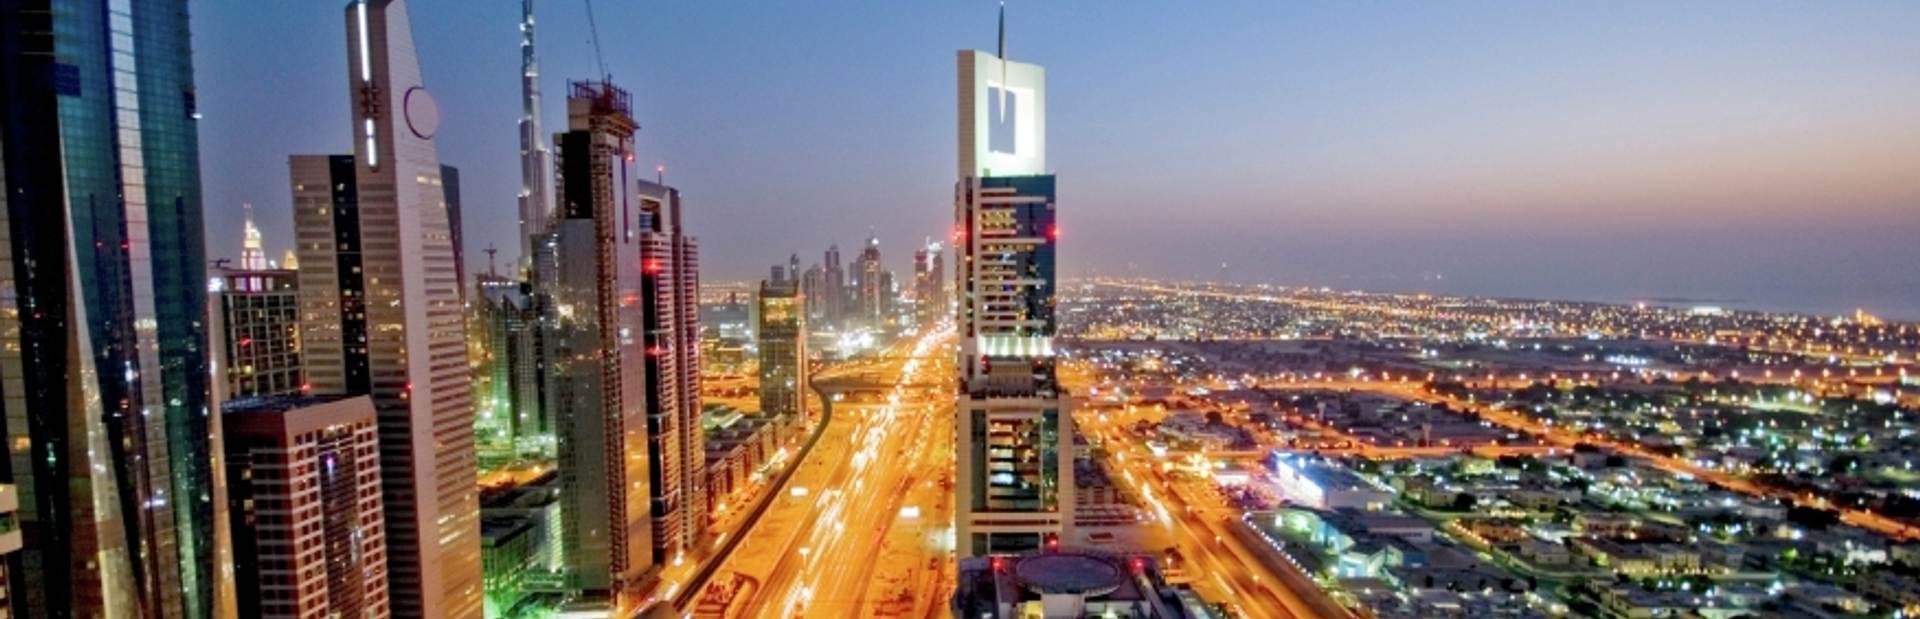 Dubai inspiration and tips